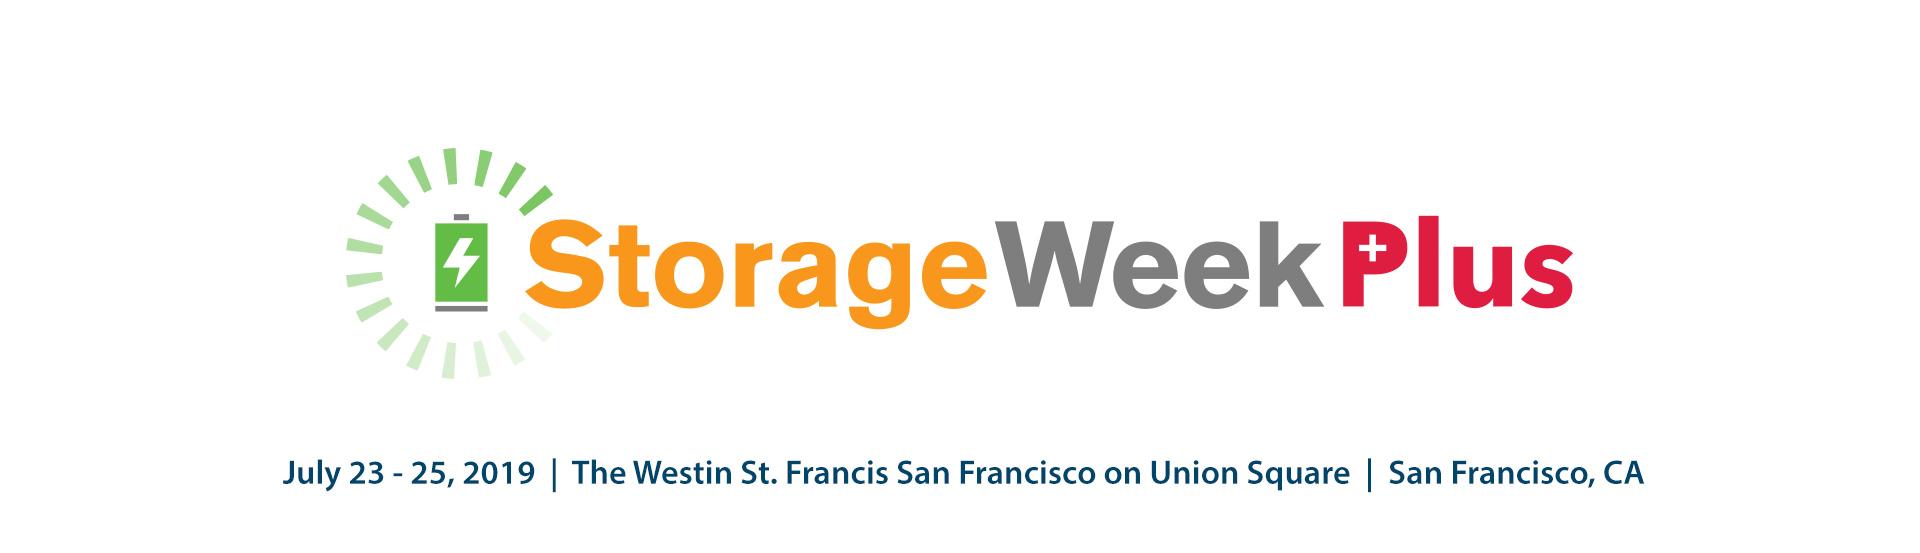 Storage Week Plus - Presented by Infocast